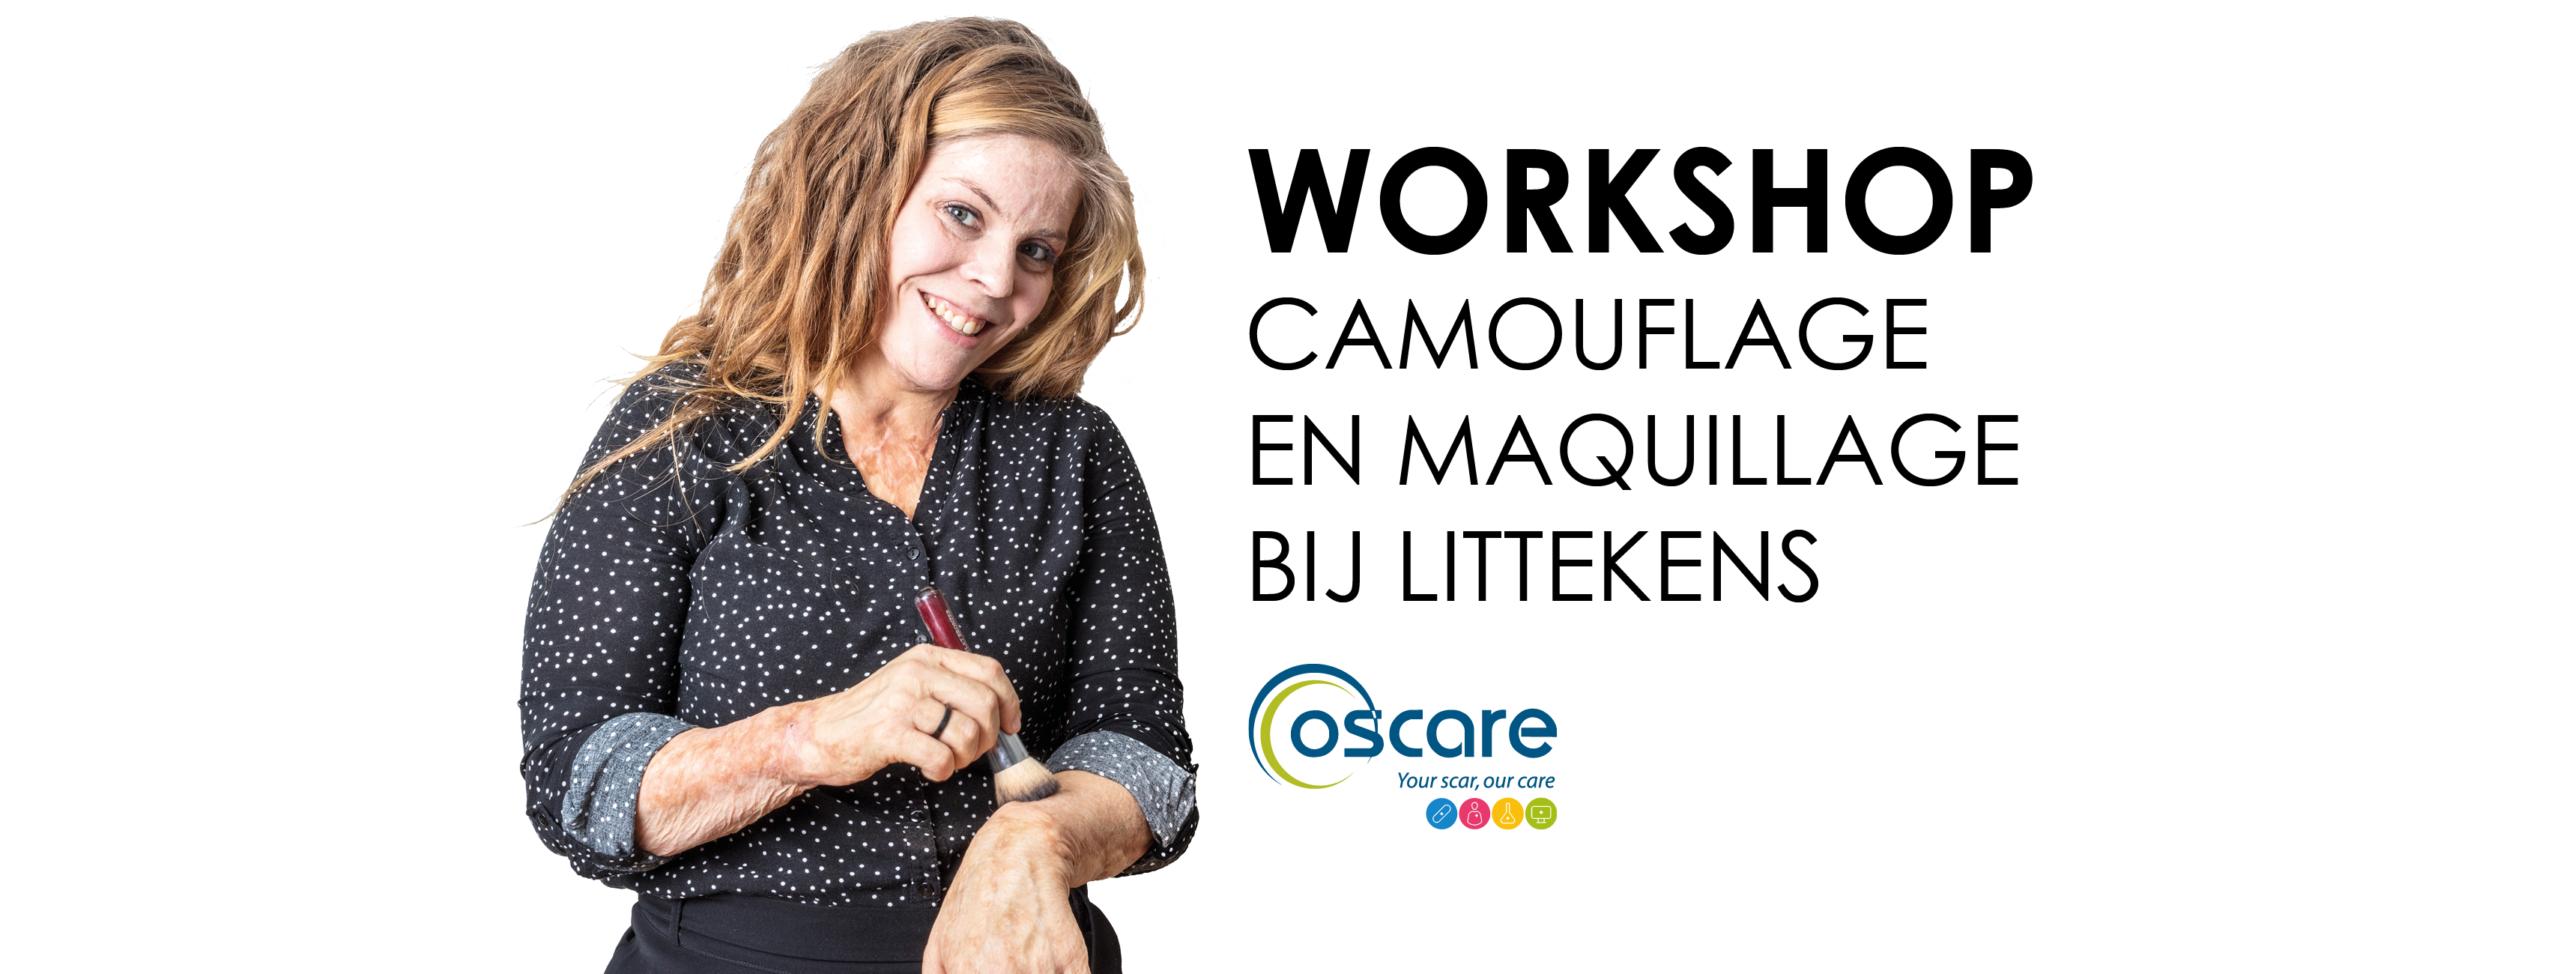 Workshop maquillage